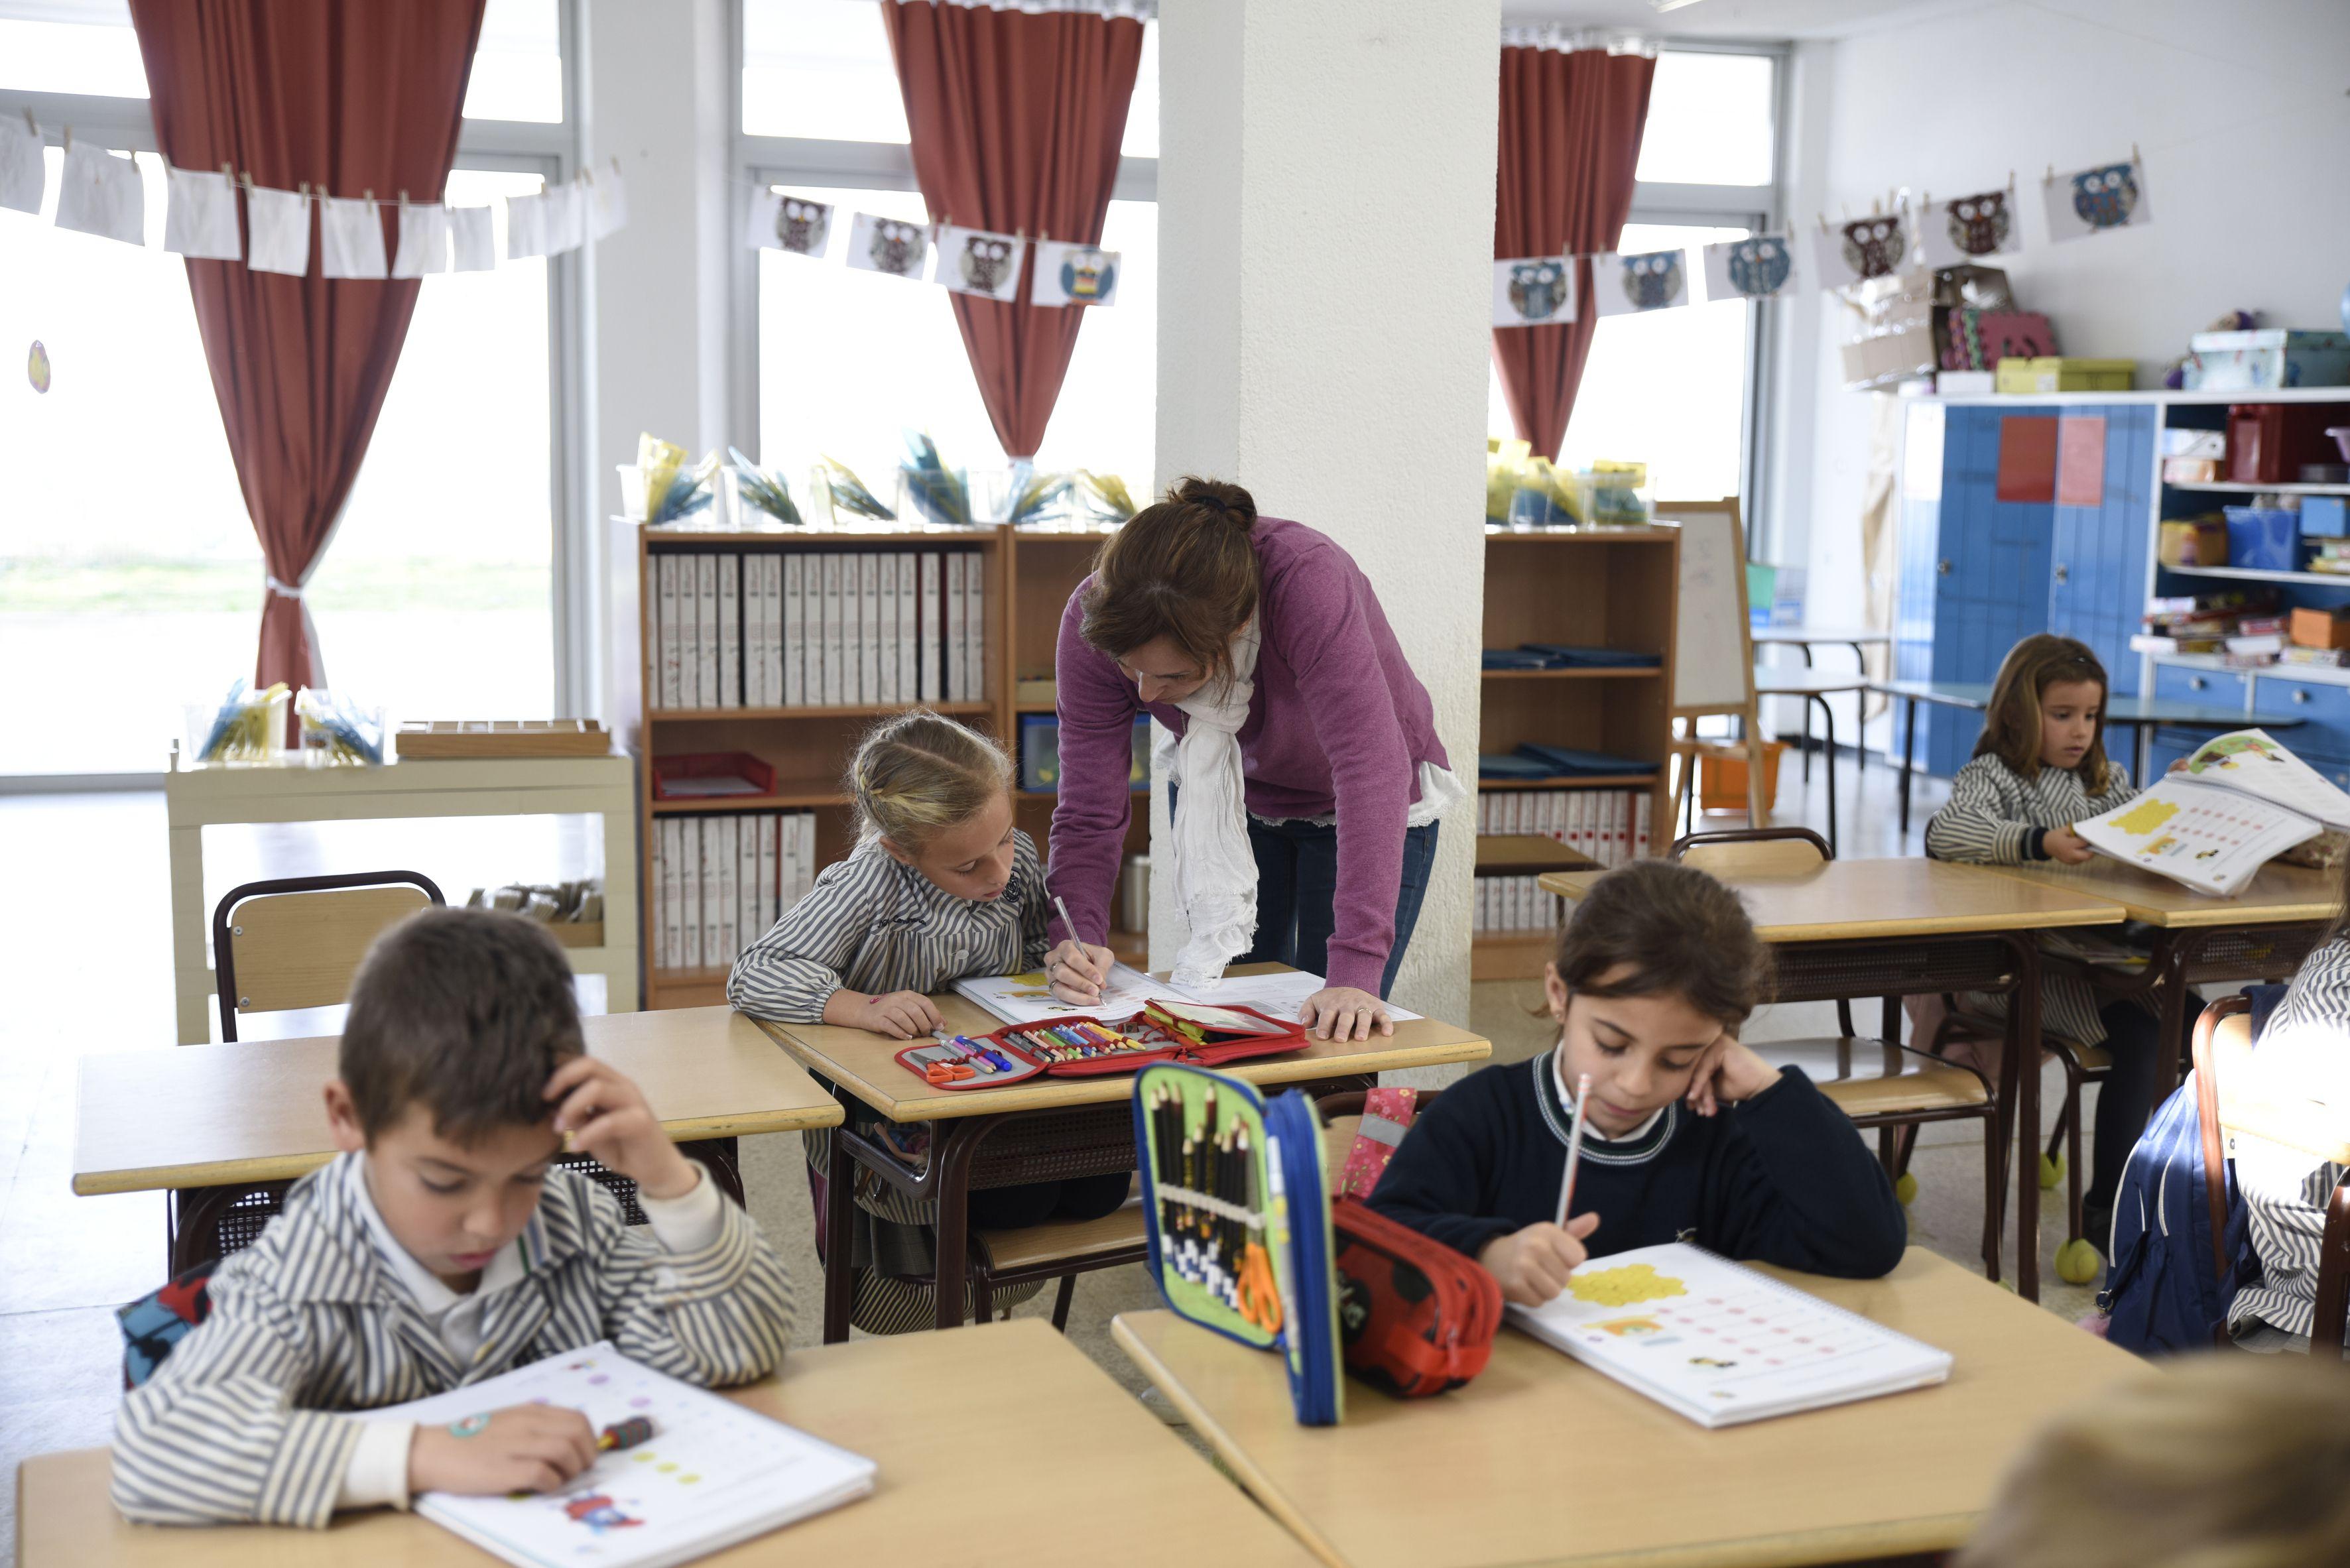 Els professors ajuden als alumnes en el que necessiten al Col·legi Pureza de Maria Sant Cugat FOTO: Bernat Millet